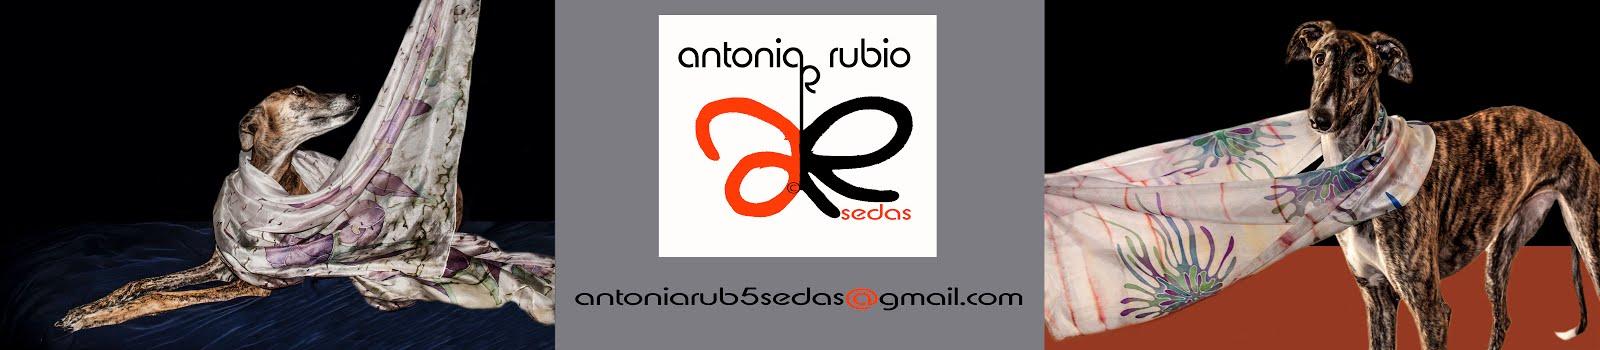 ANTONIA RUBIO ARTSEDAS